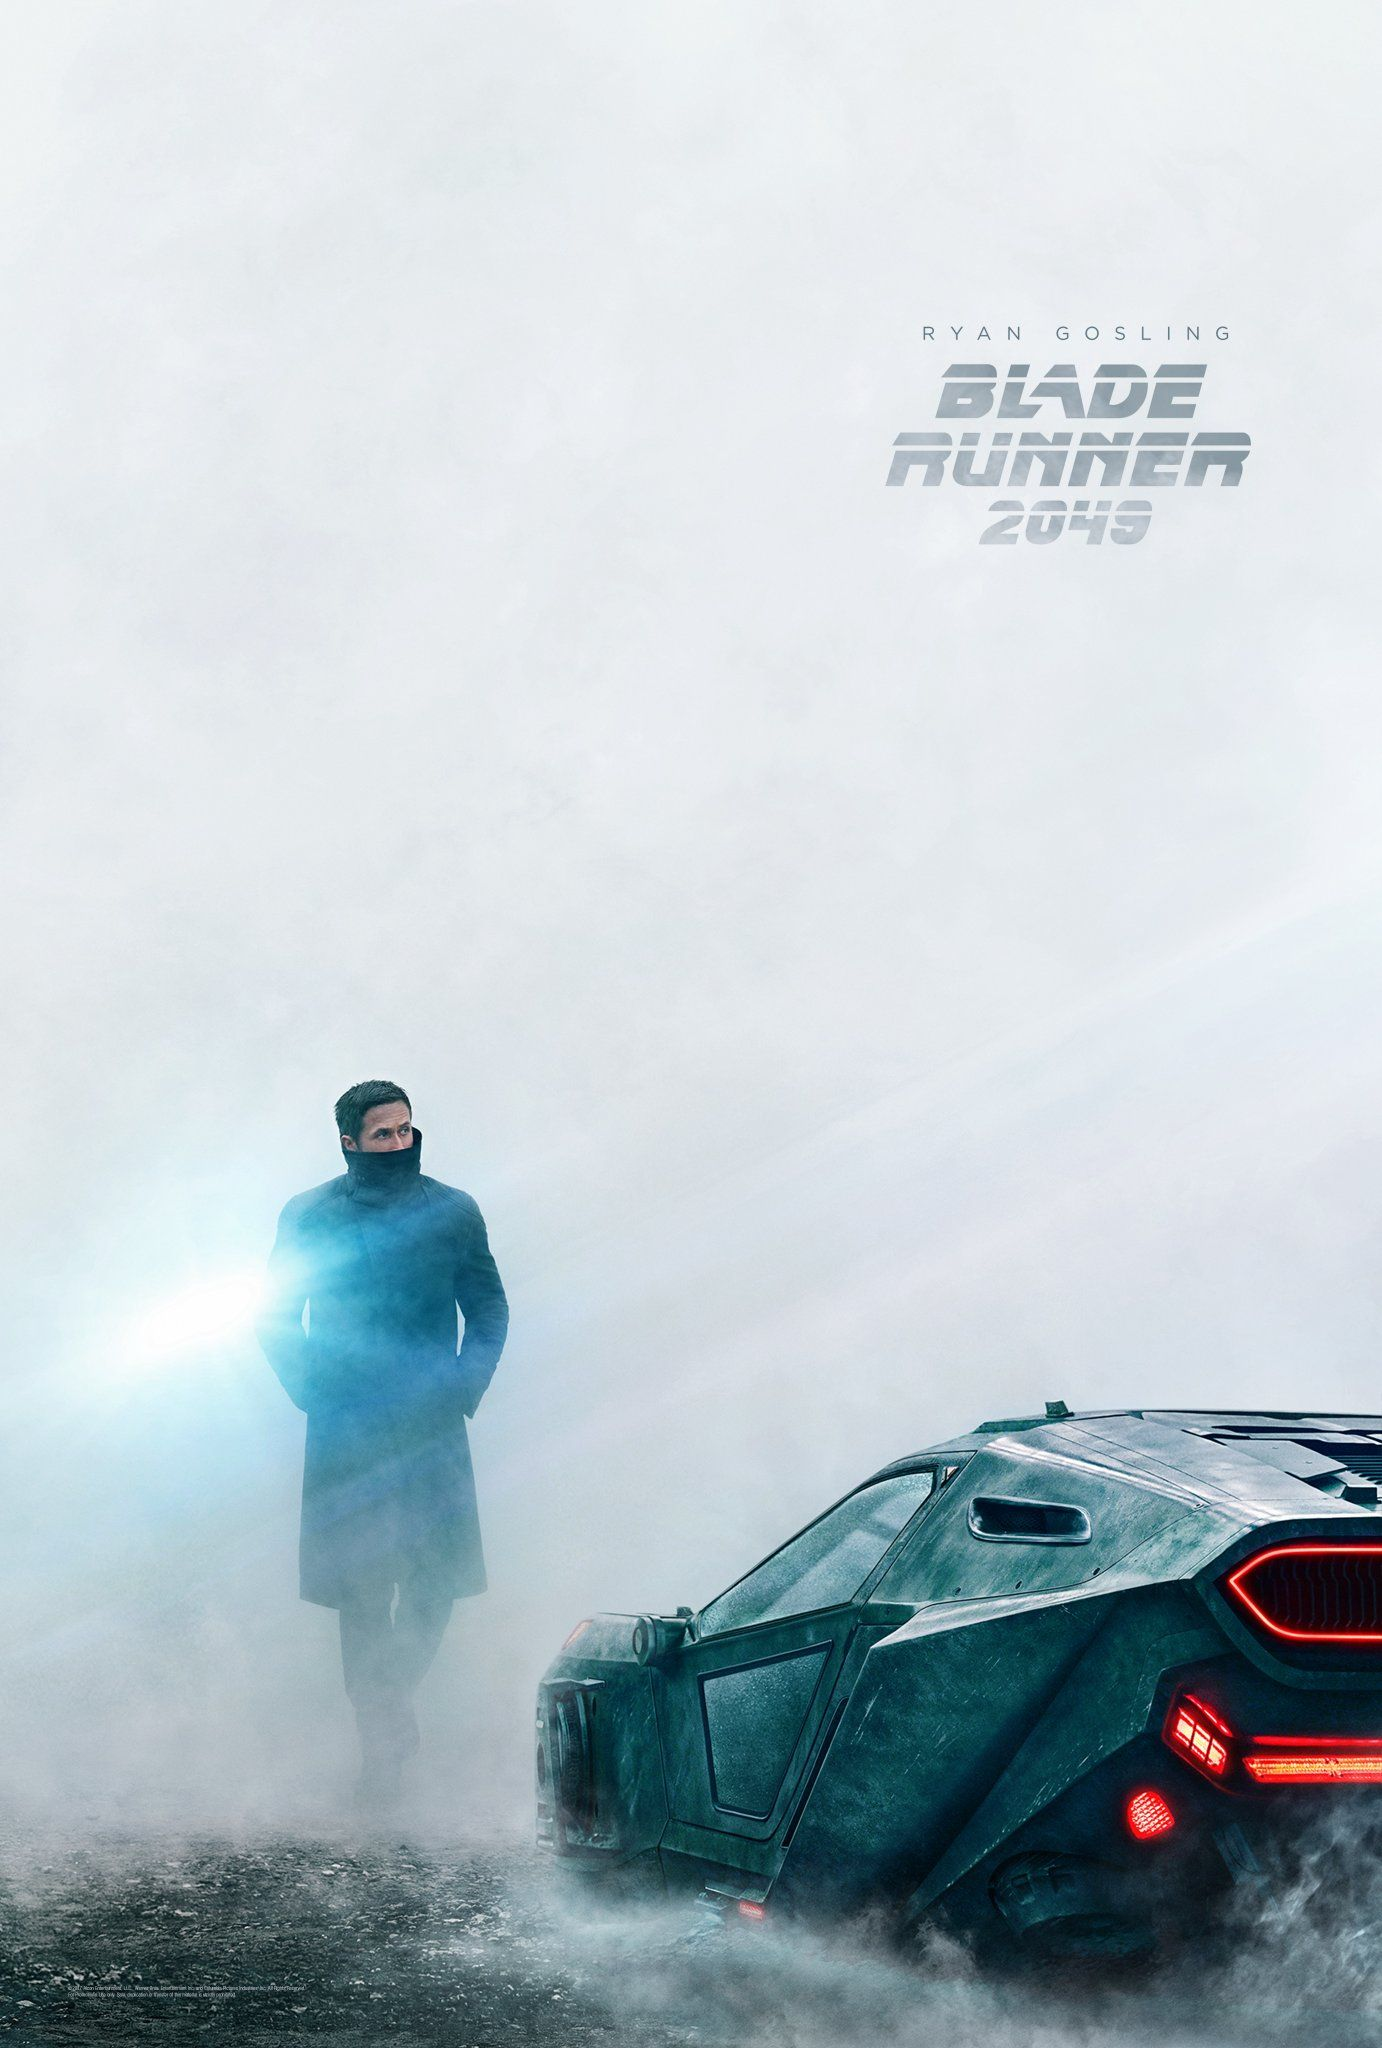 blade-runner-2049-poster-ryan-gosling.jp